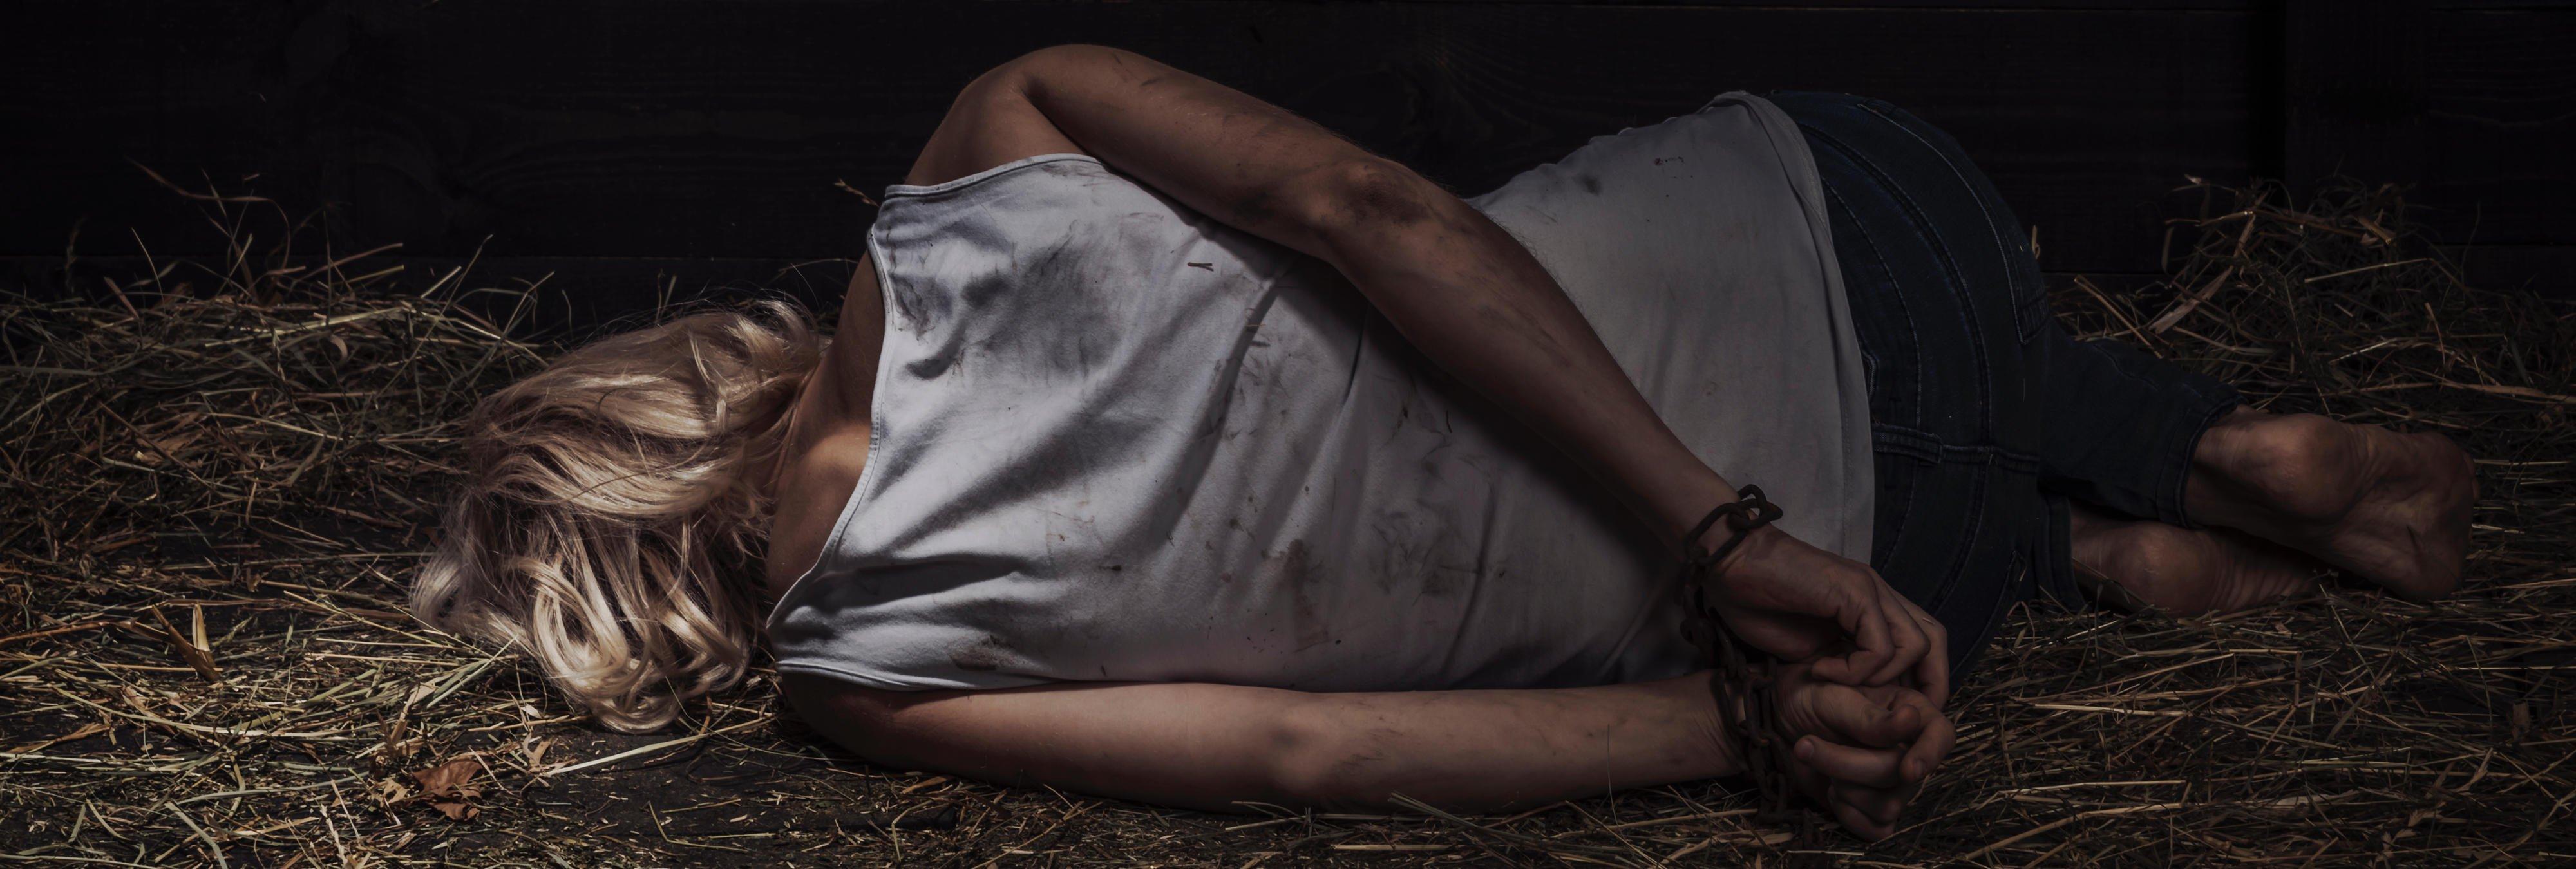 Una mujer esclavizó durante dos años a una mexicana a la que inyectaba semen para embarazarla